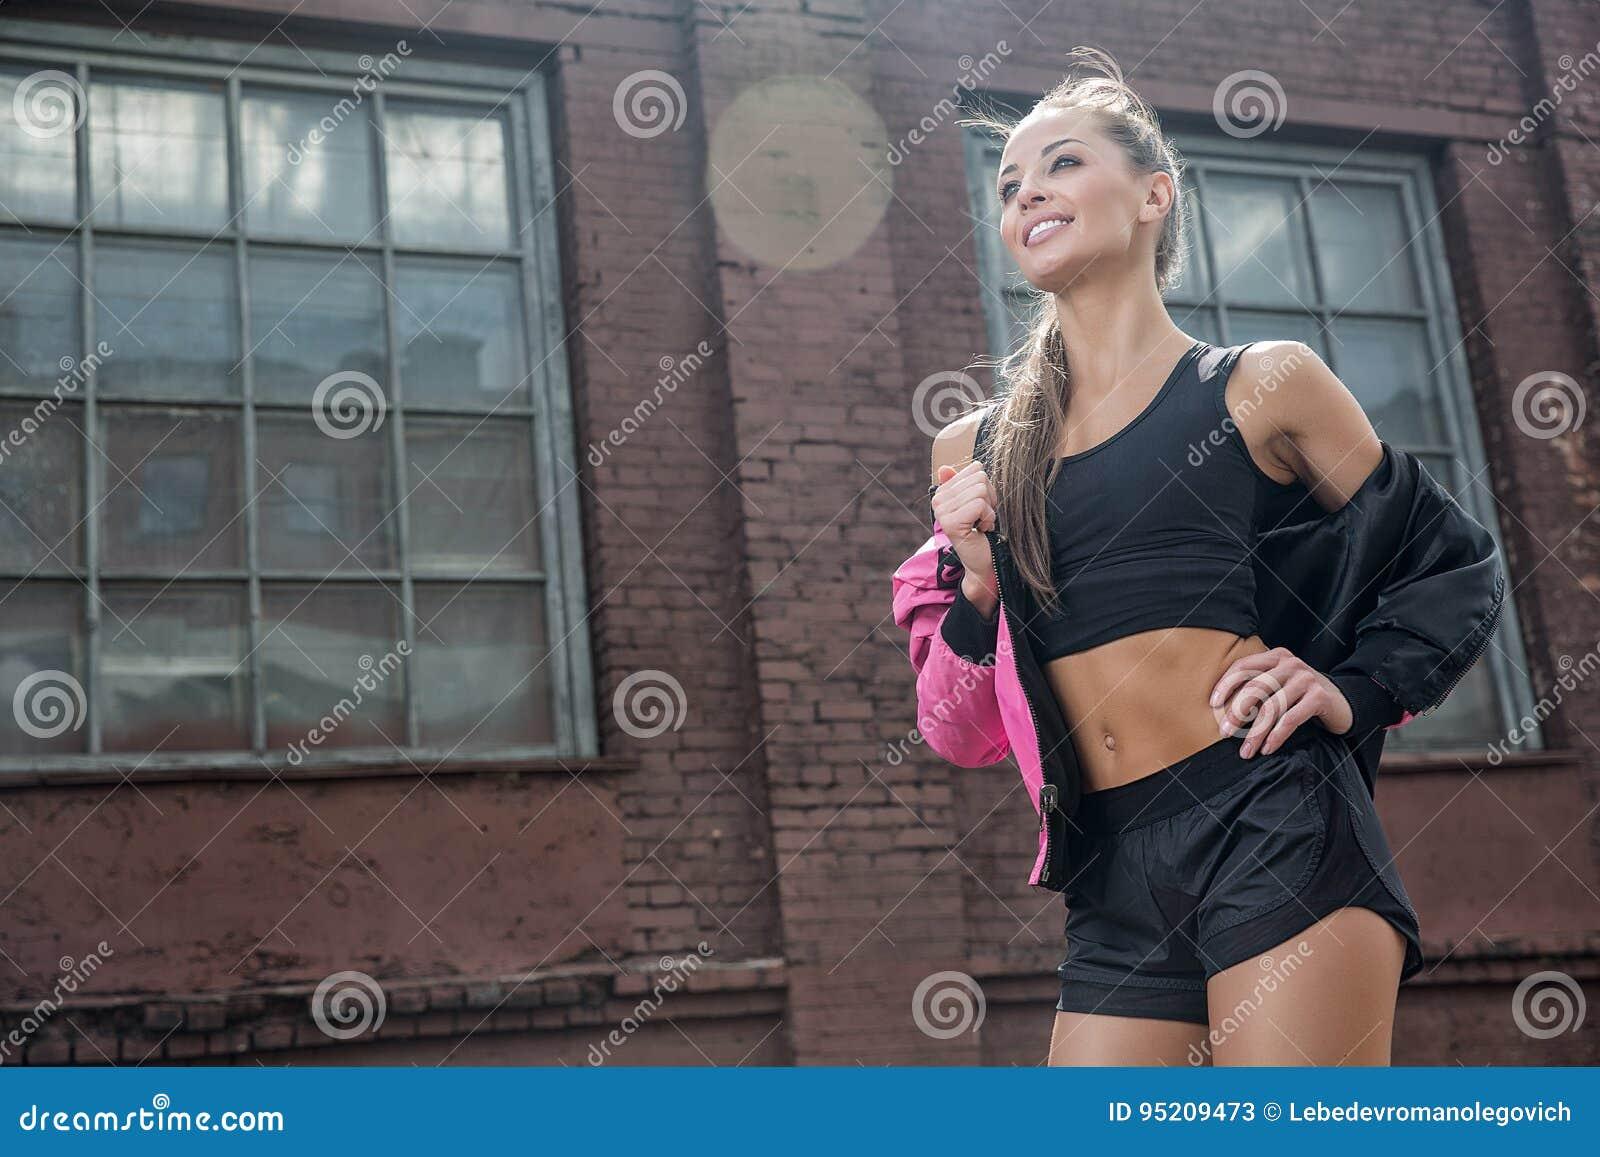 Attraktive Eignungsfrau, ausgebildeter weiblicher Körper, Lebensstilporträt, kaukasisches Modell